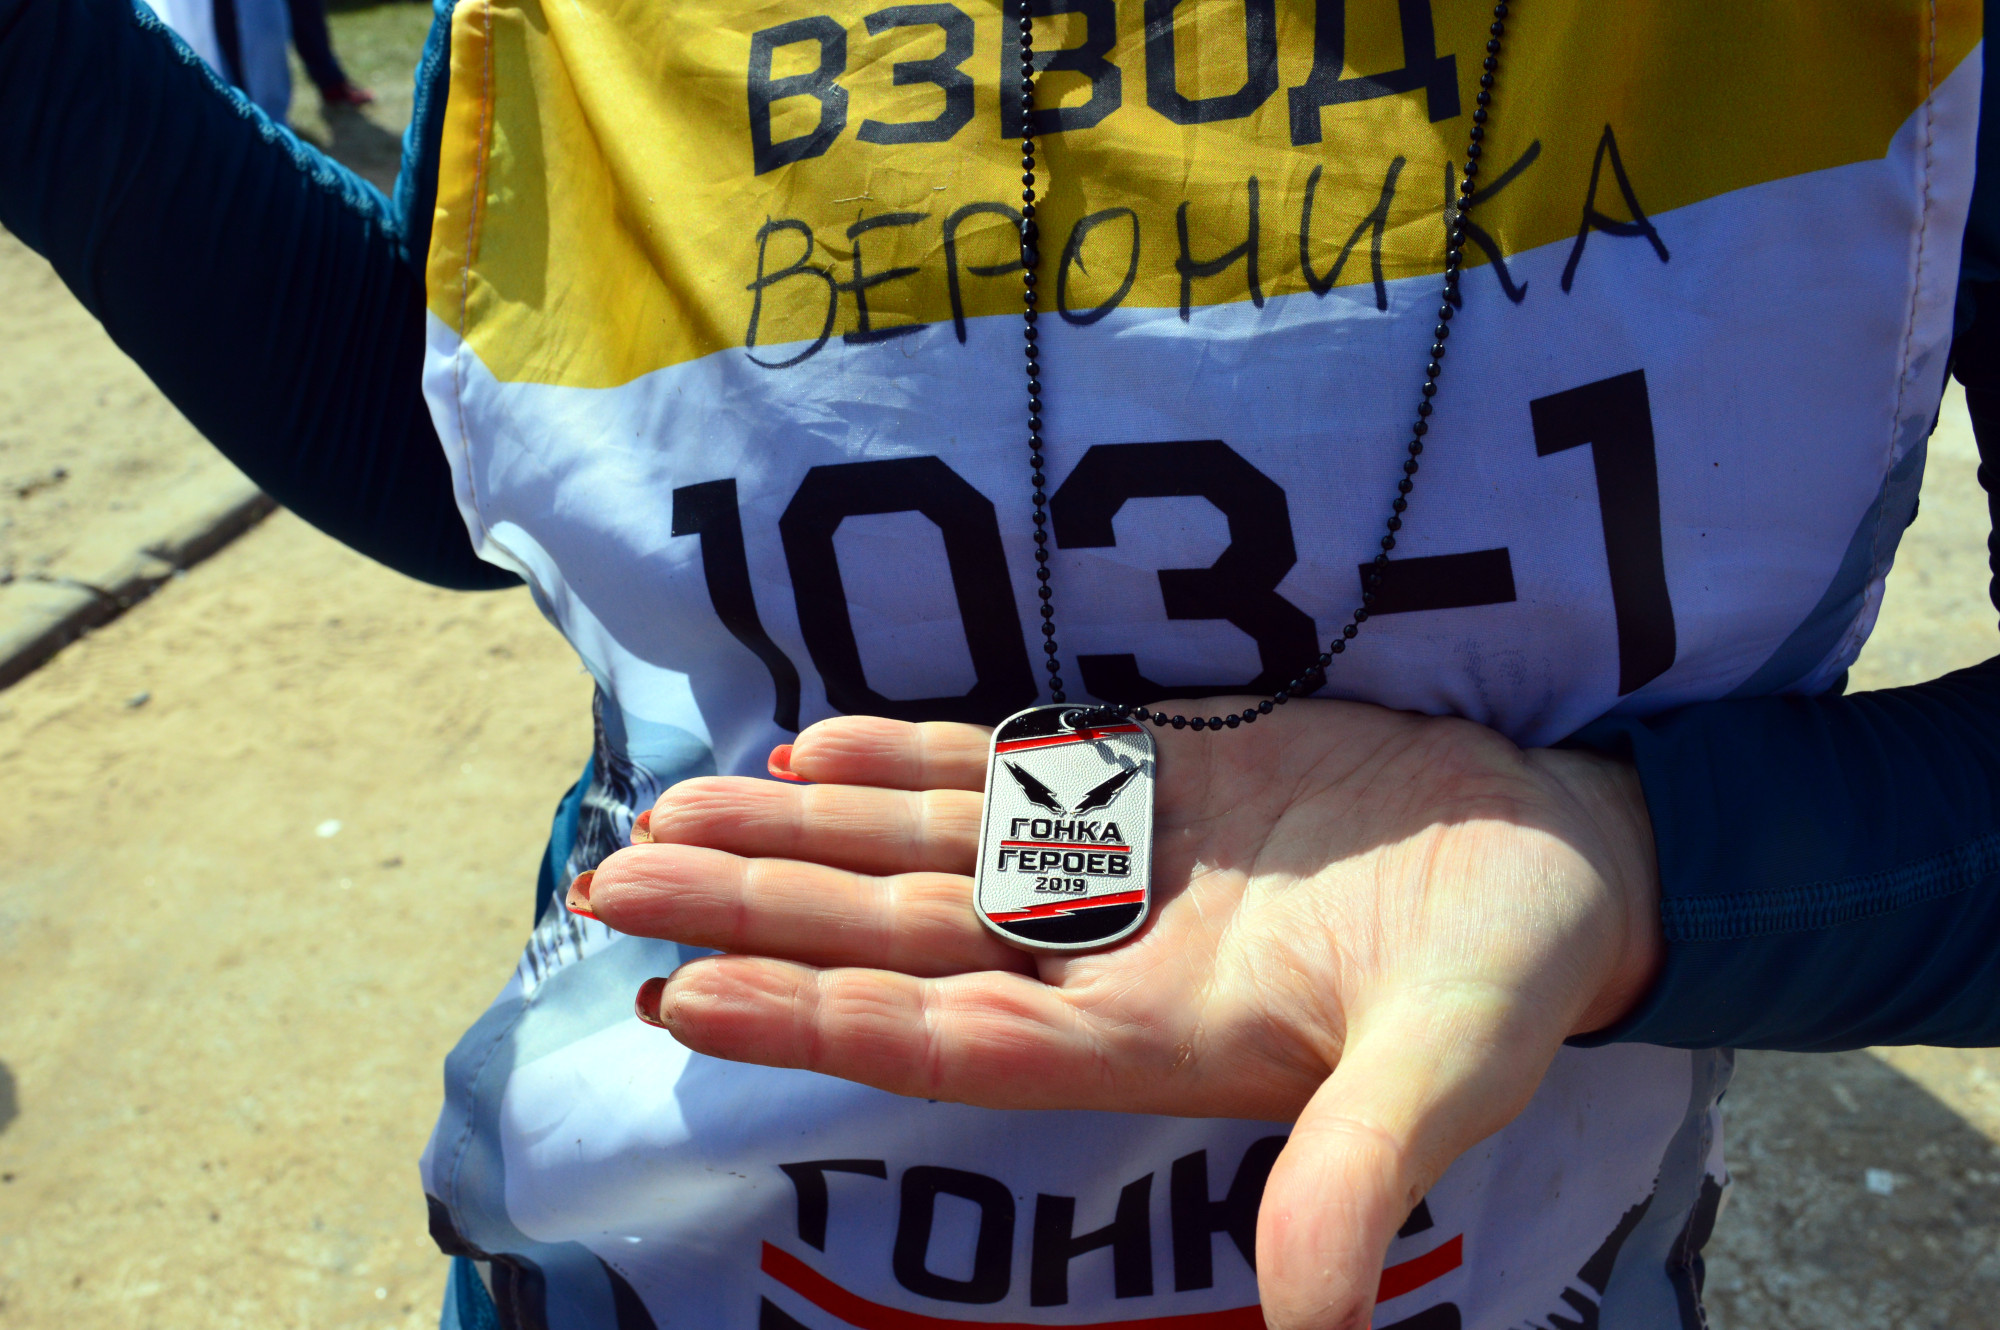 Гонка героев медаль значок